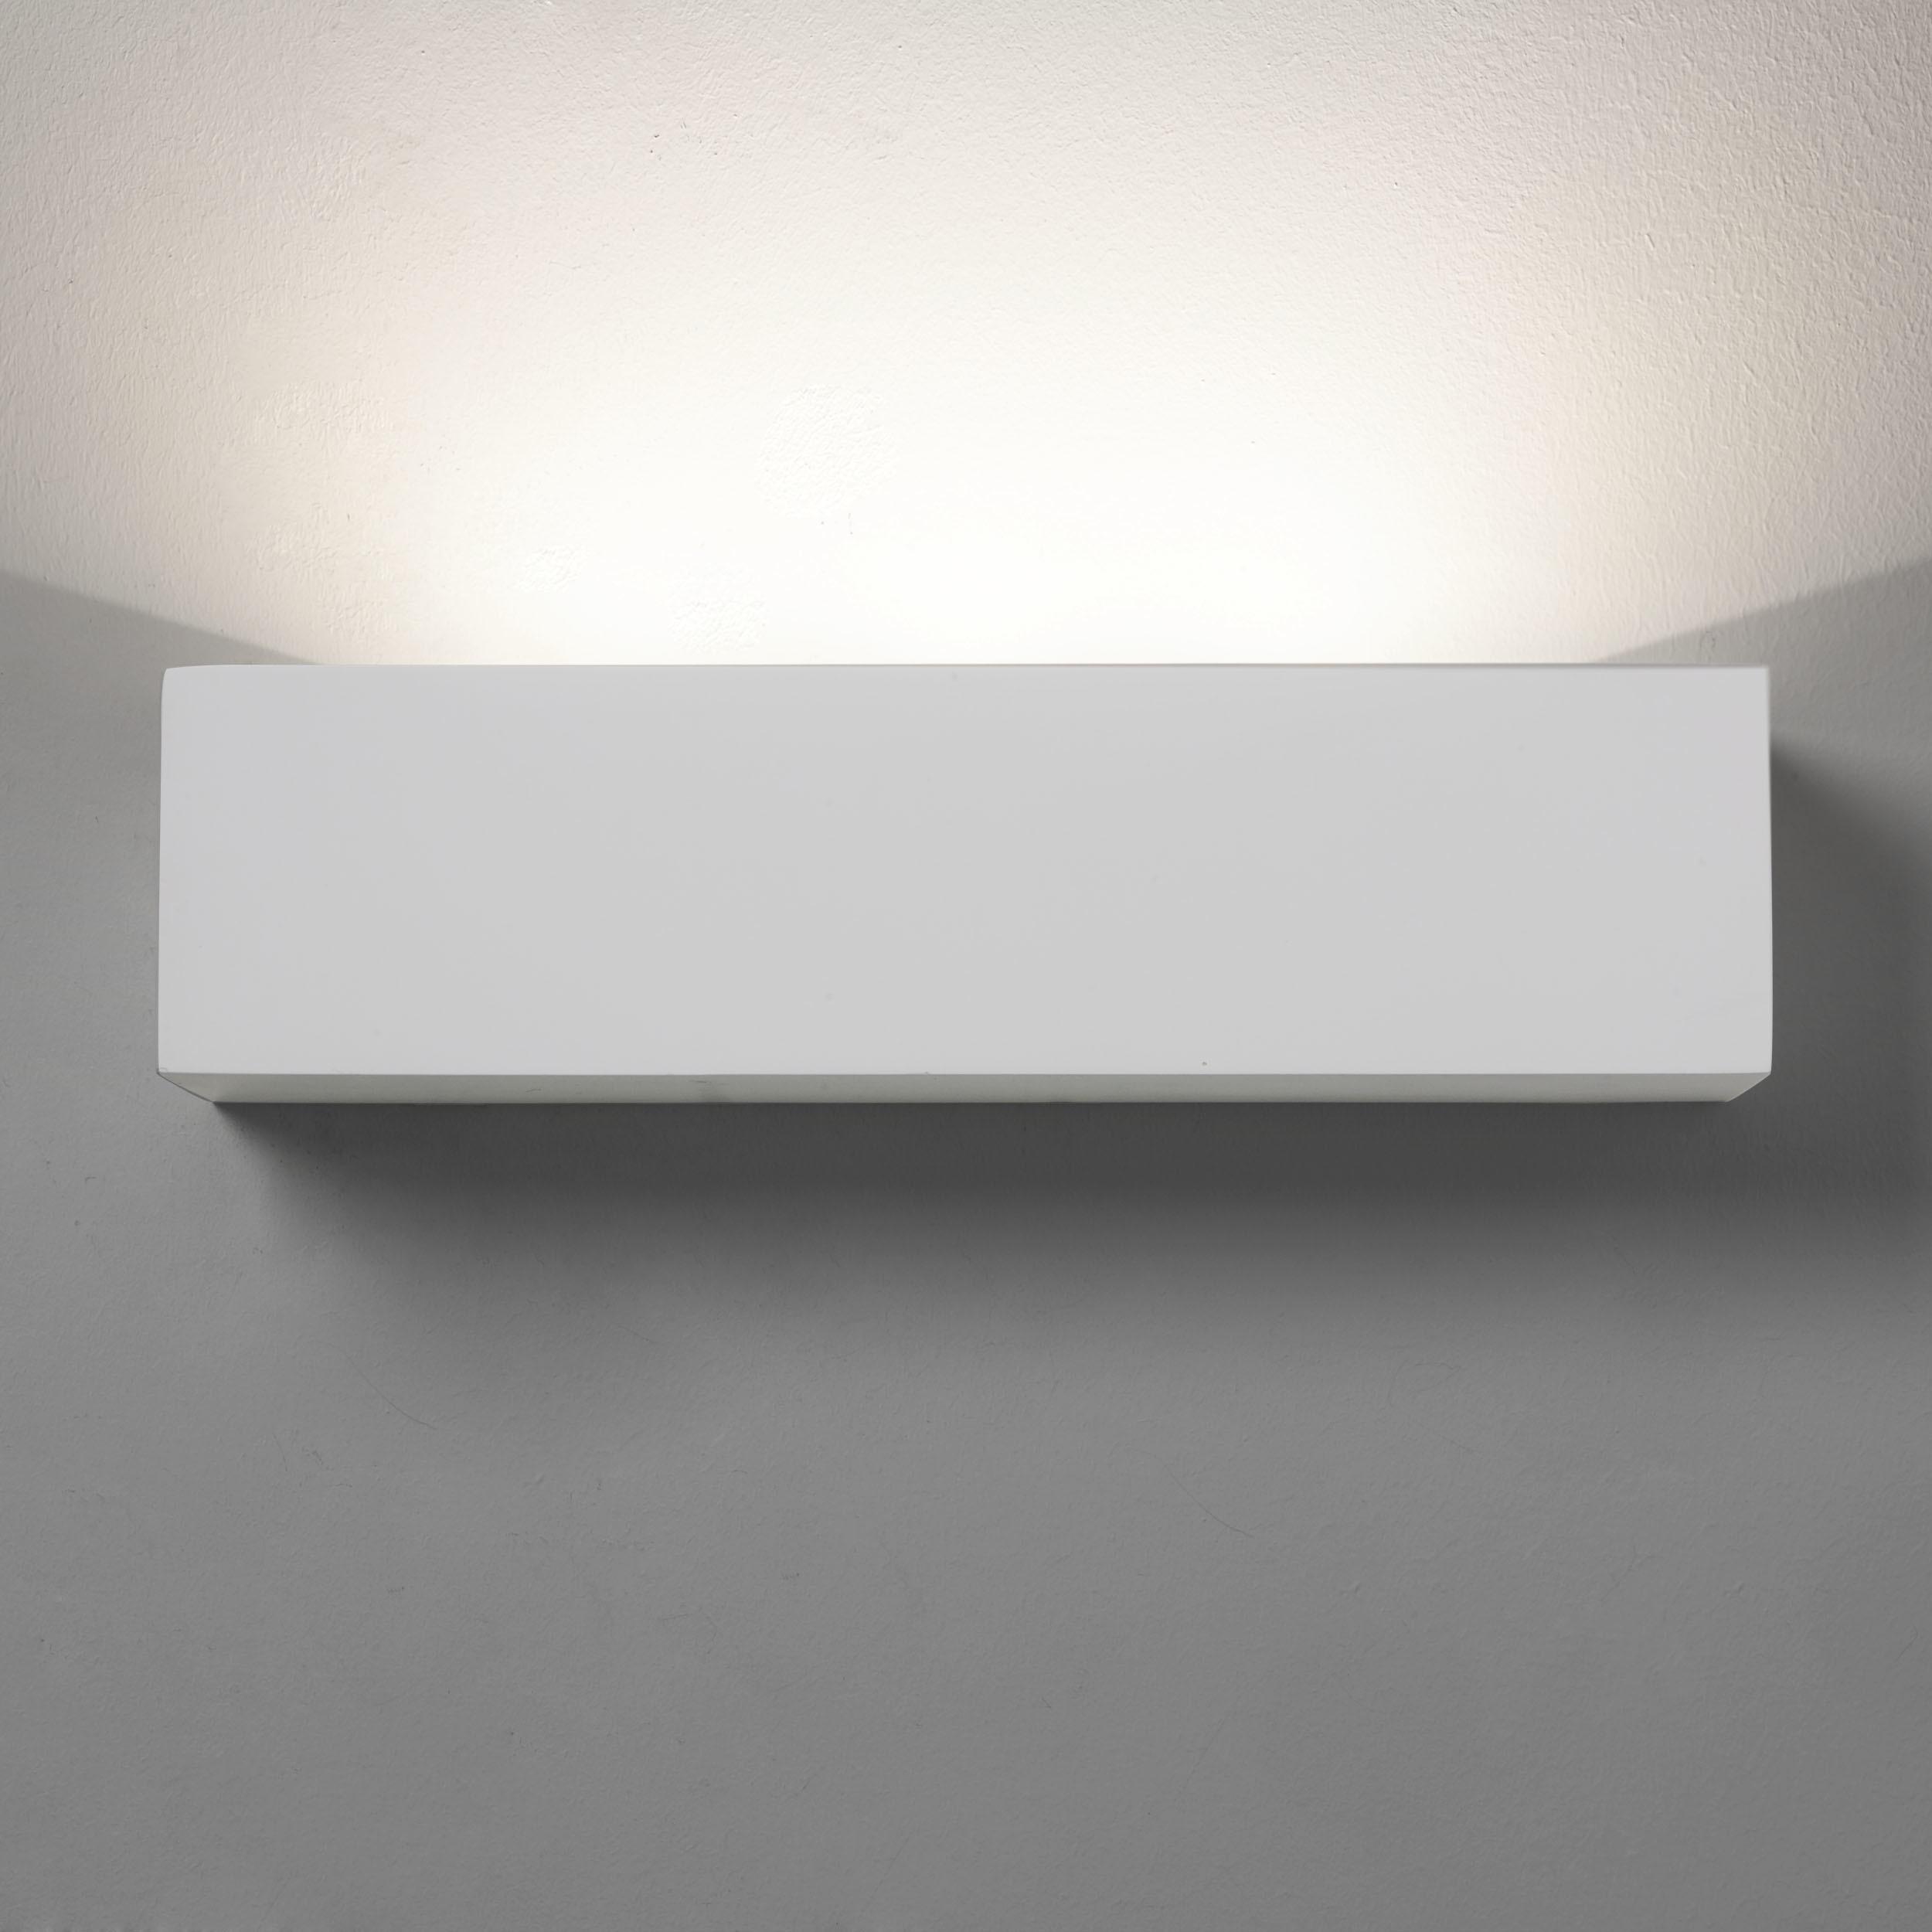 Настенный светодиодный светильник Astro Parma 1187002 (887), LED 9,04W 3000K 301lm CRI80, белый, под покраску, гипс - фото 2